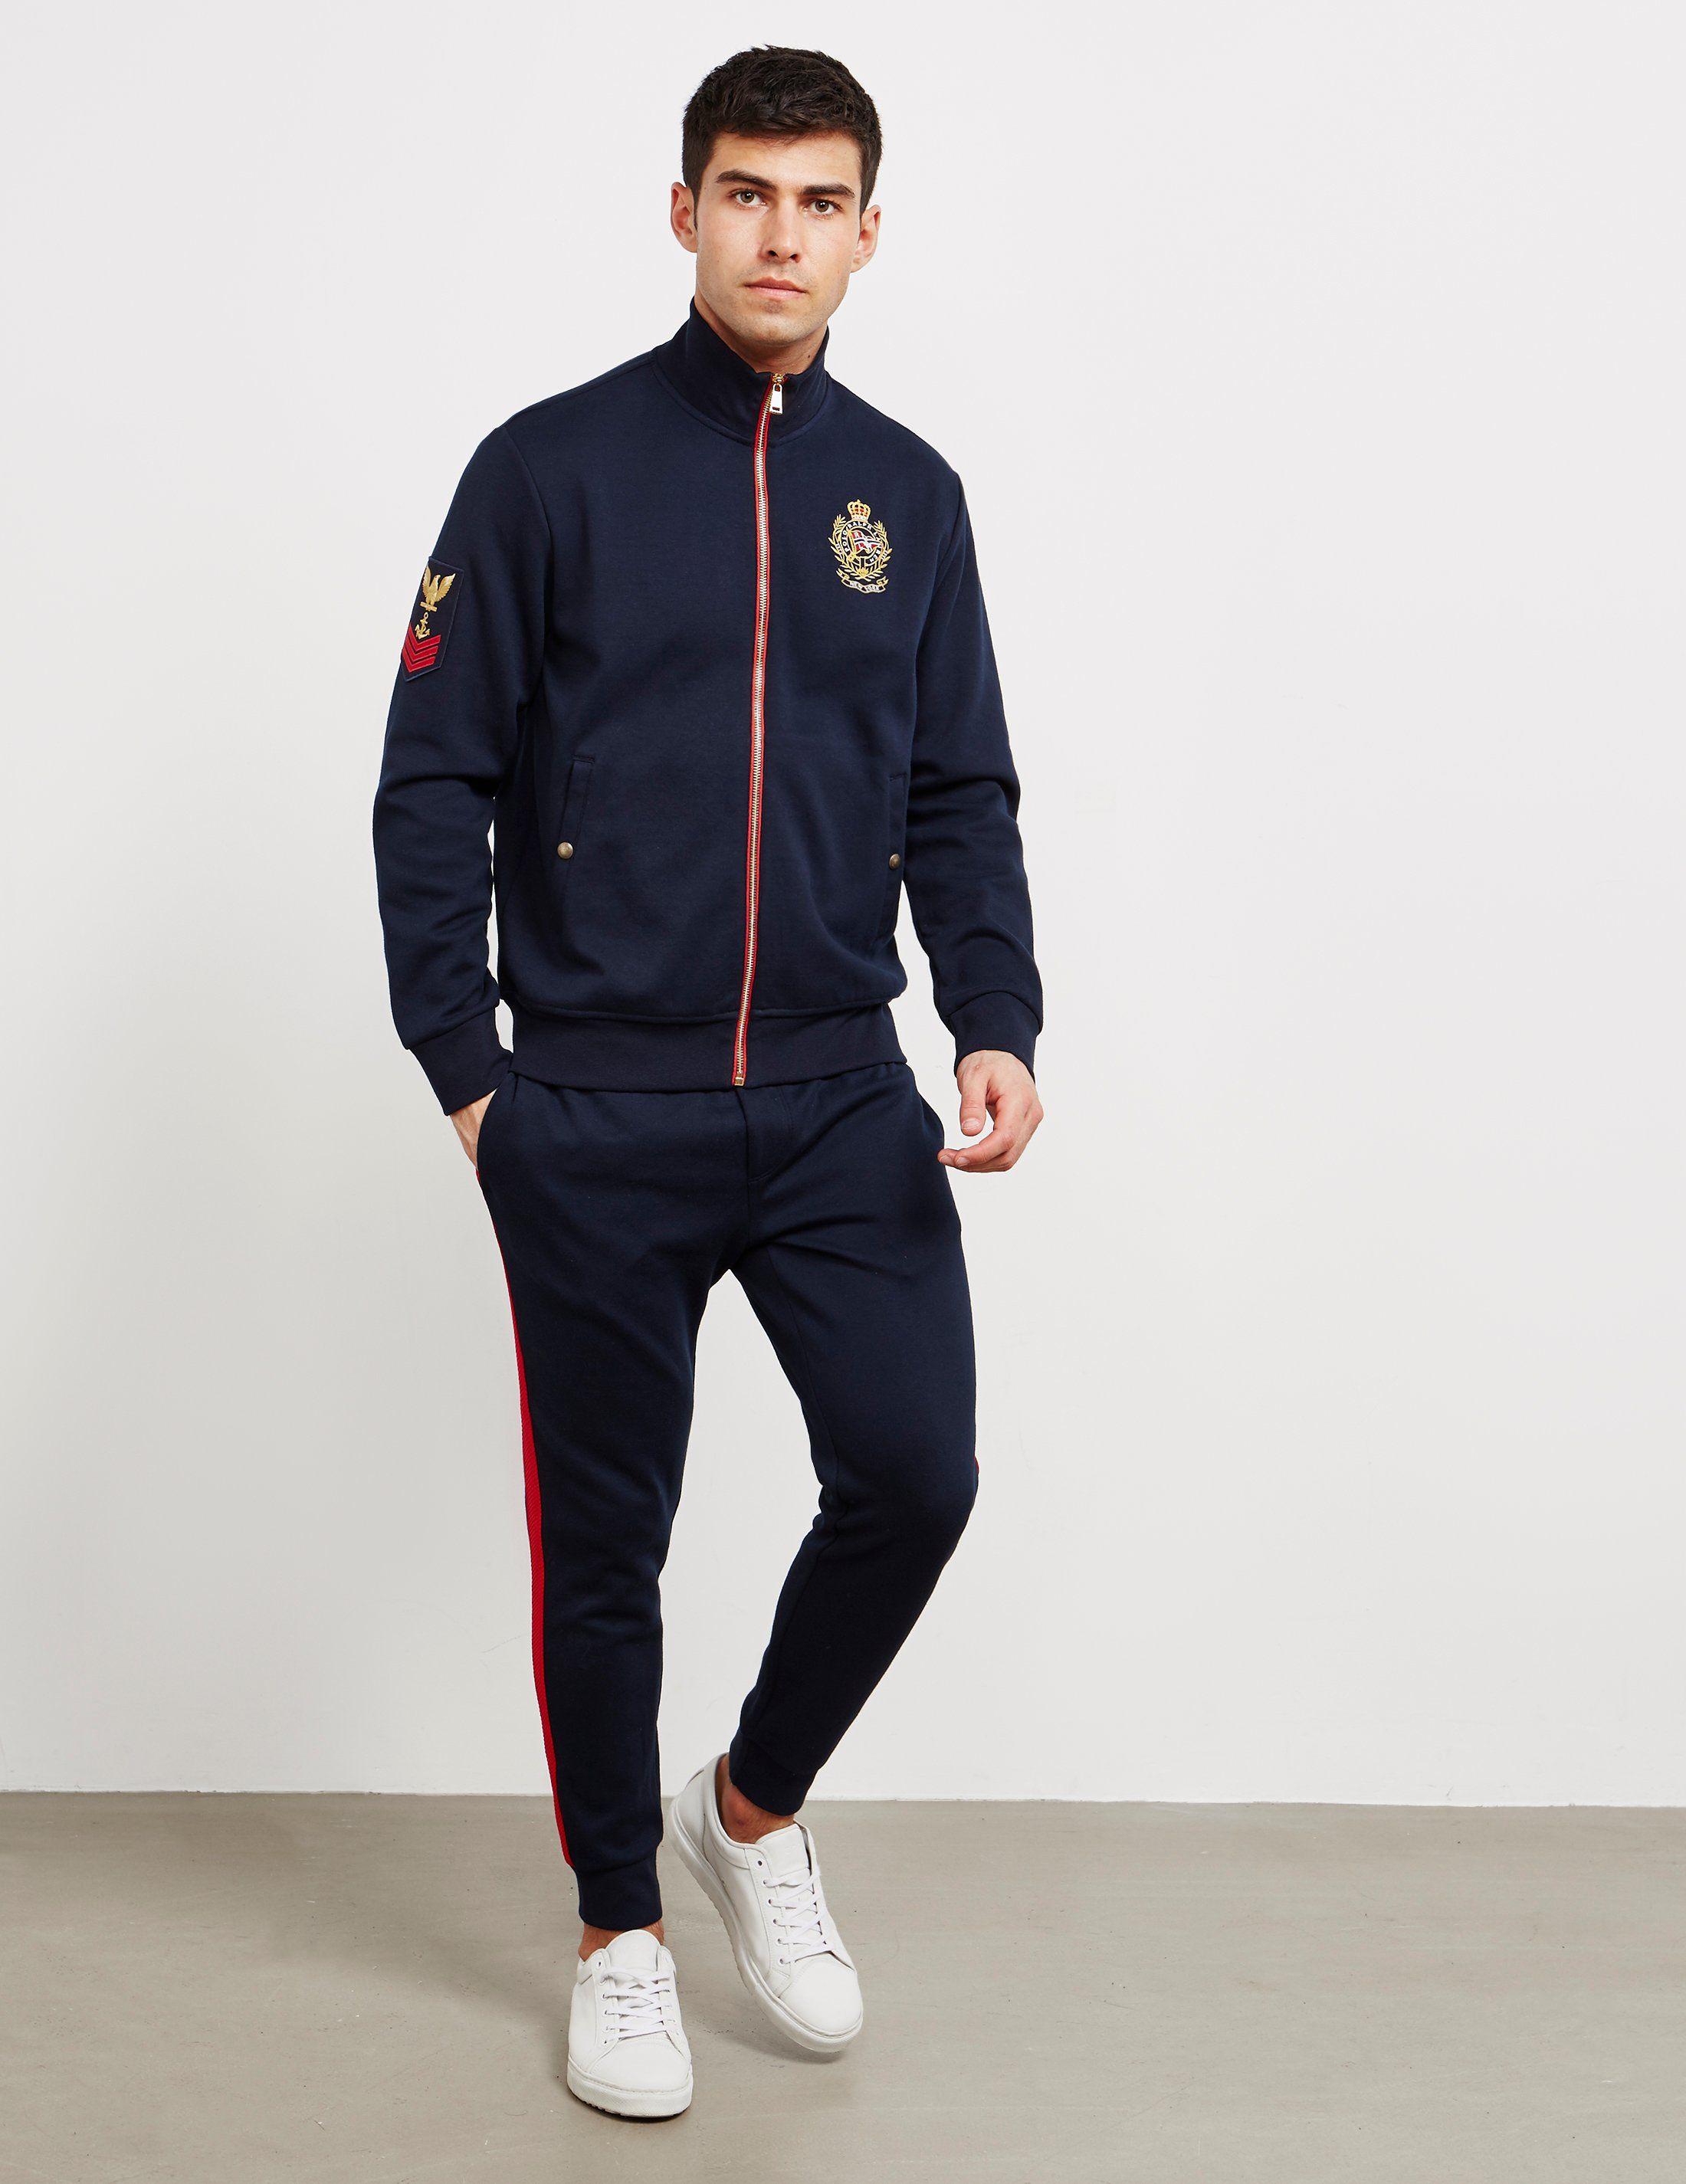 Polo Ralph Lauren Crest Track Top